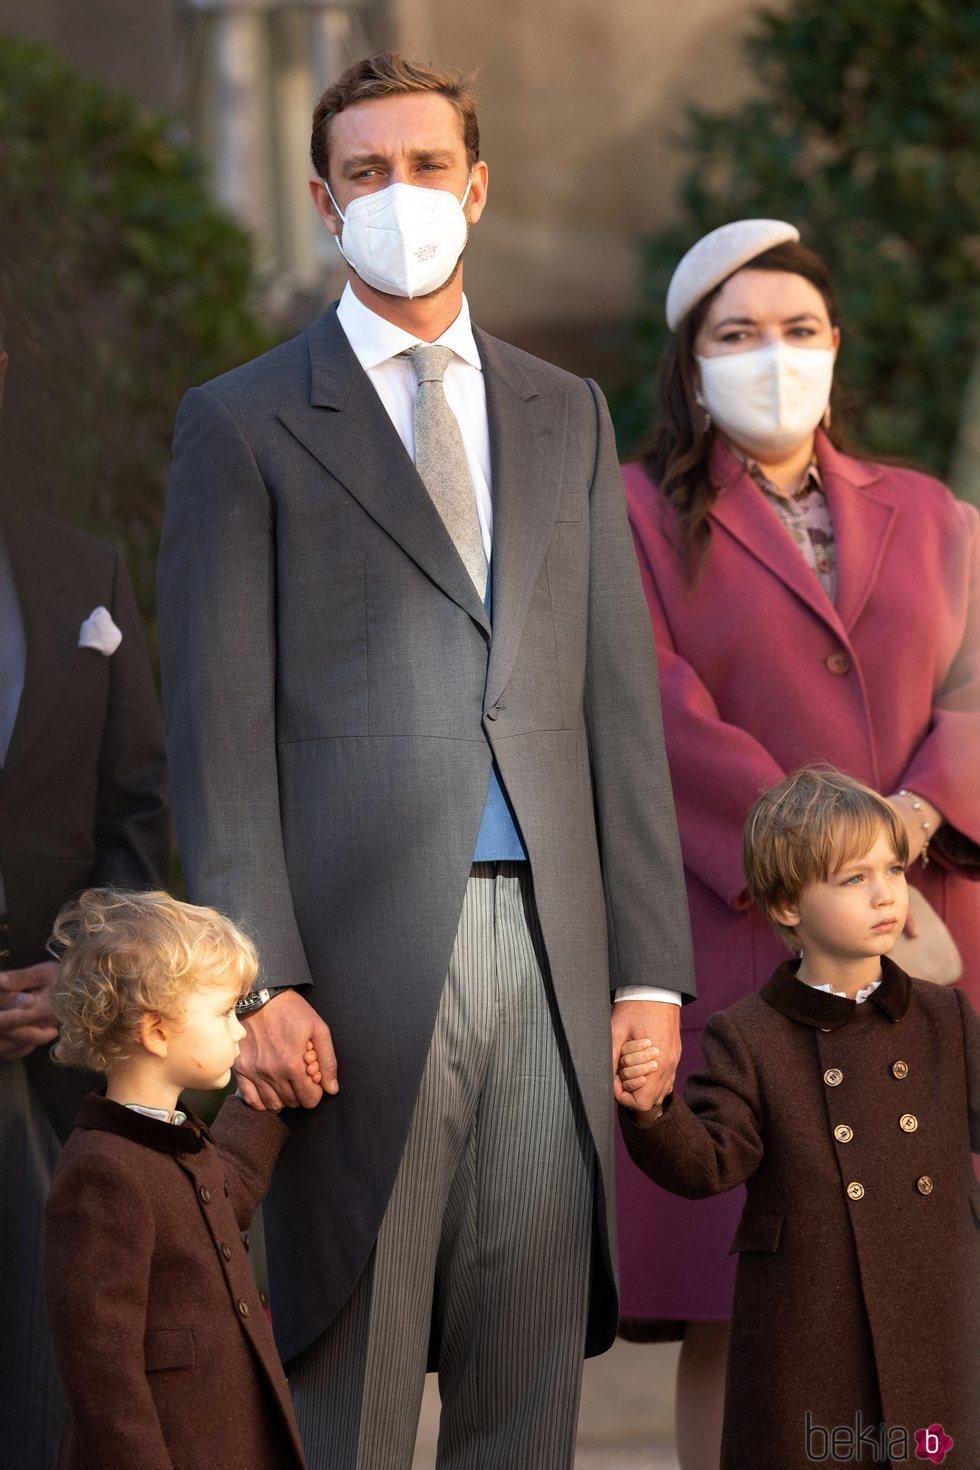 Pierre Casiraghi con sus hijos Stefano y Francesco Casiraghi en el Día Nacional de Mónaco 2020